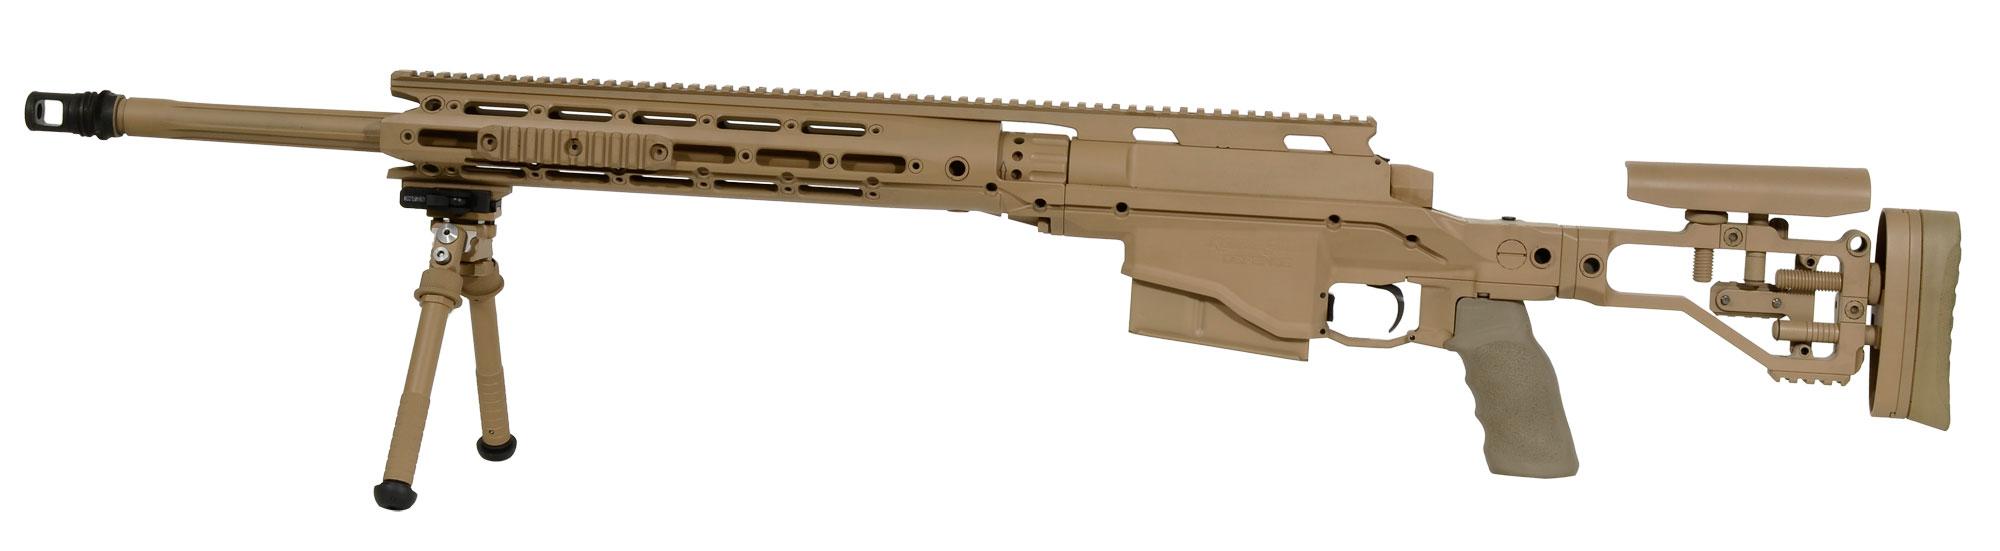 Remington PSR Kit 86642